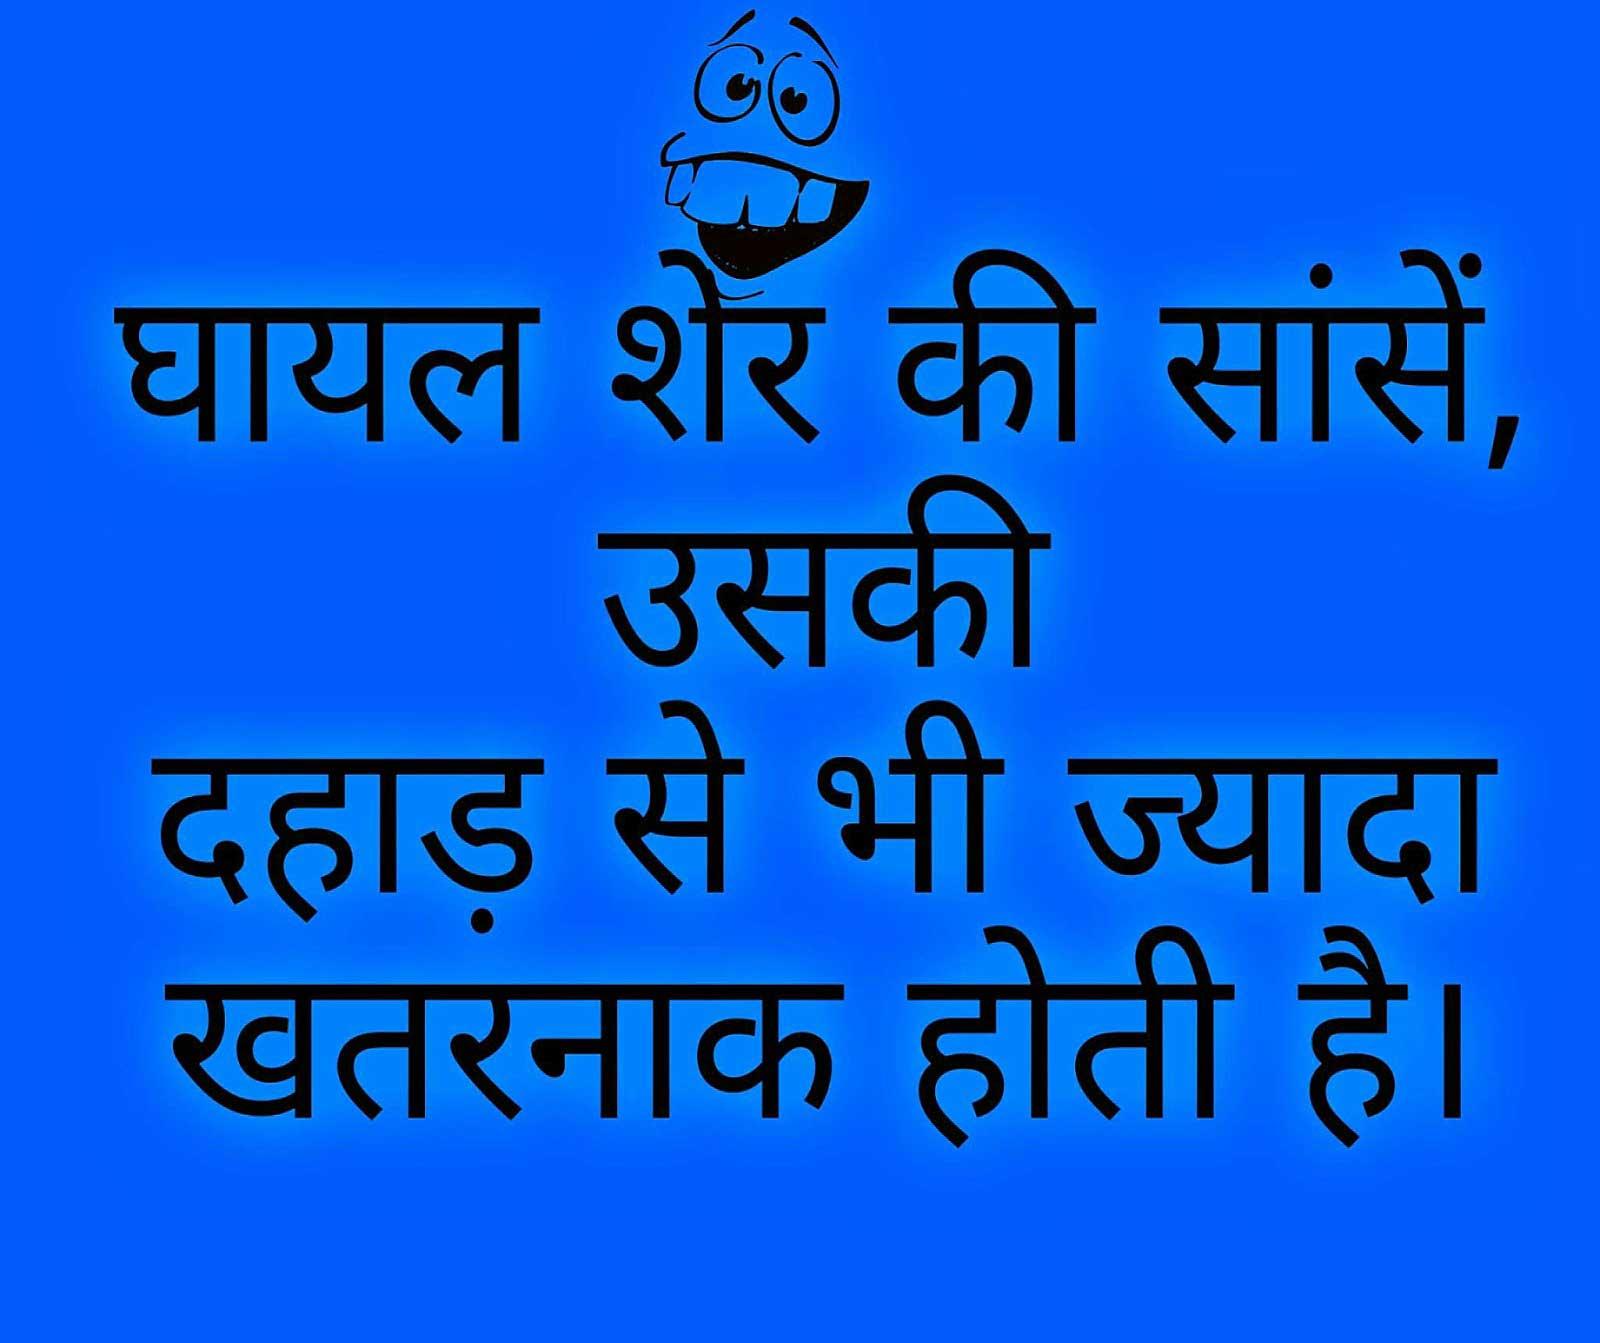 Best Hindi Whatsapp DP Free